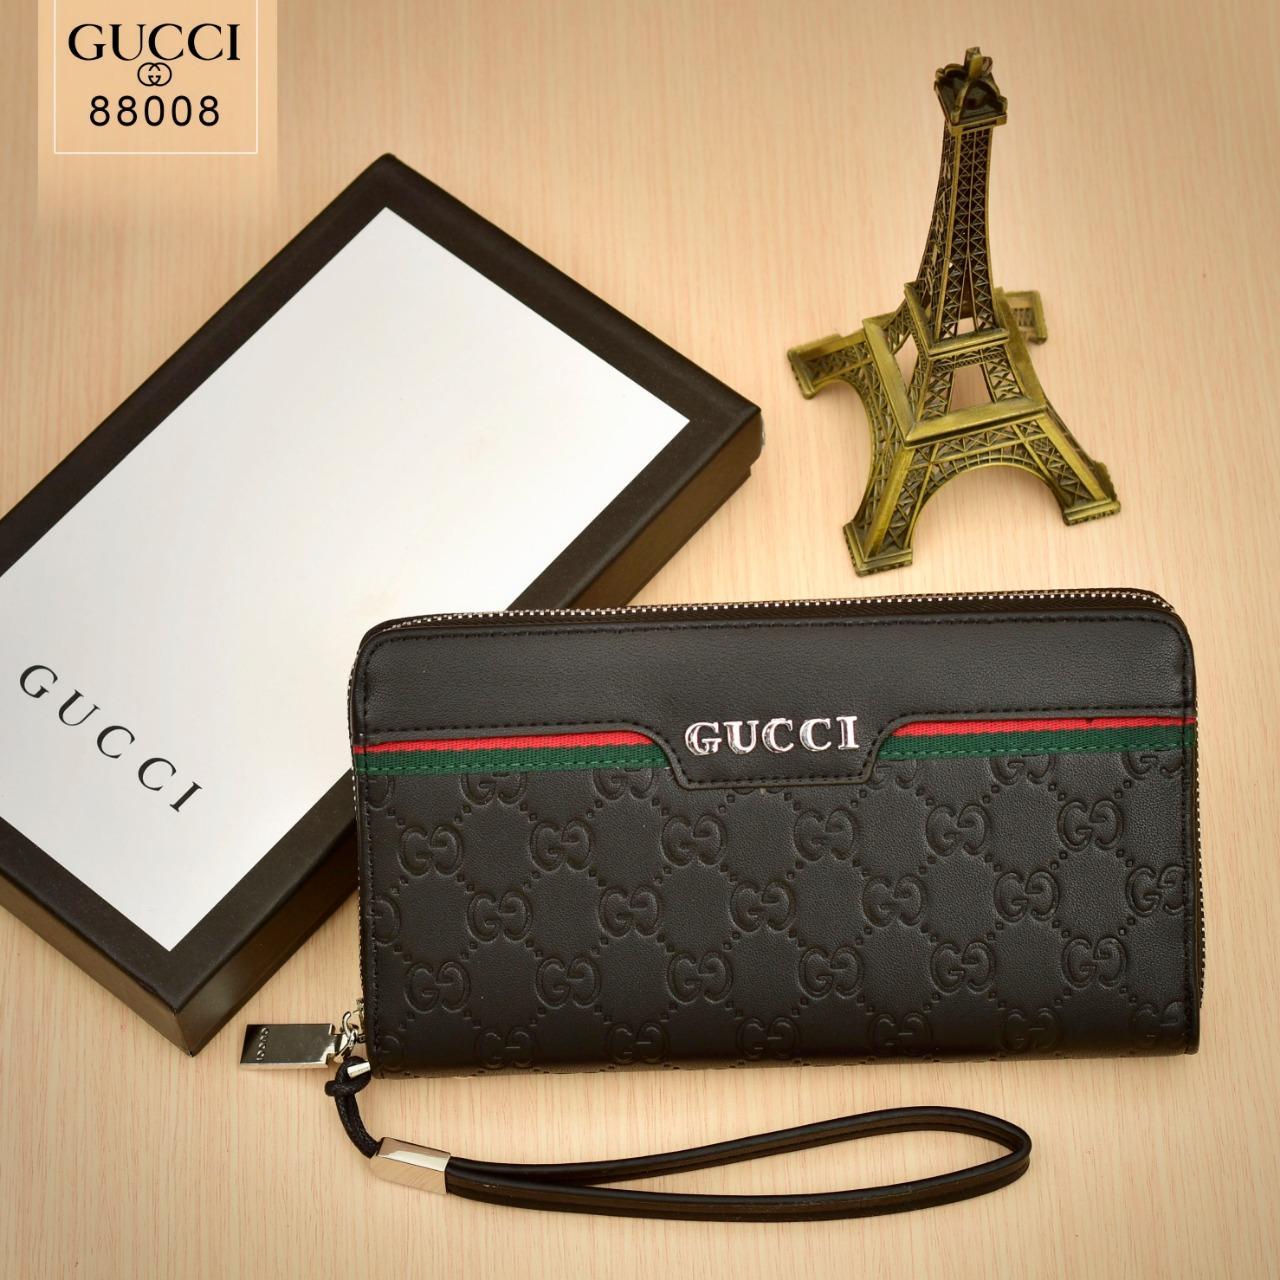 c60a614e8b10 Jual Produk Gucci Terbaru | Lazada.co.id